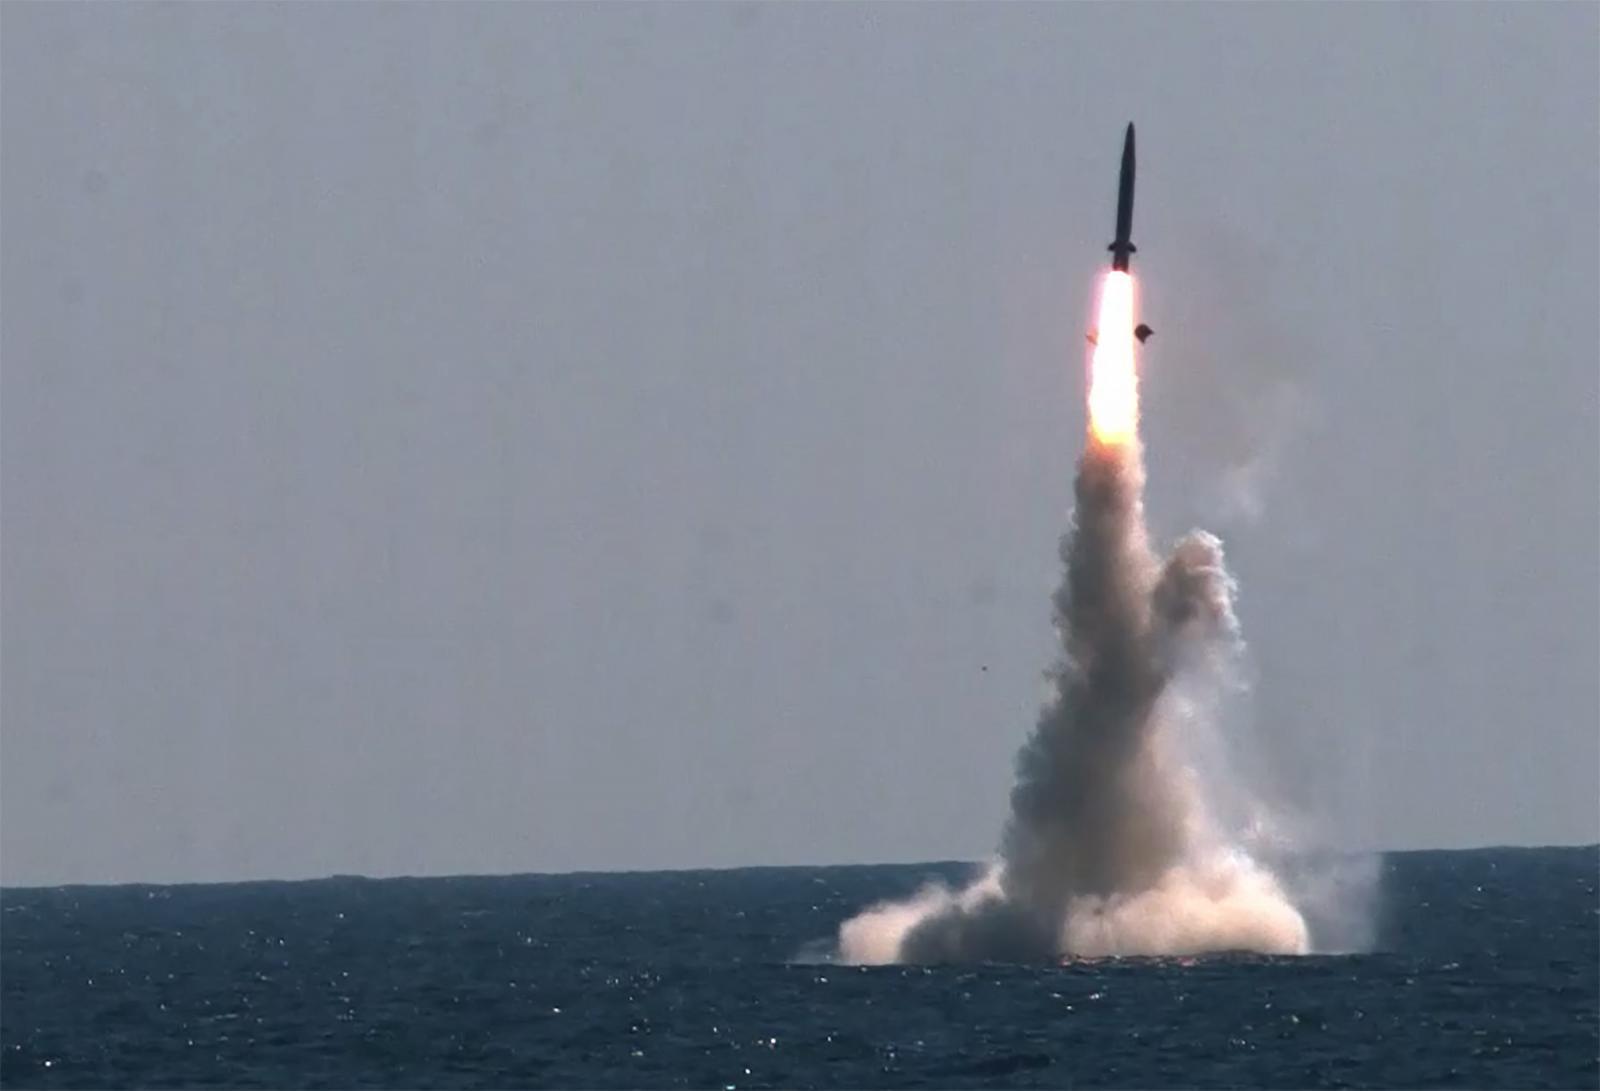 เกาหลีเหนือ เย้ยขีปนาวุธเกาหลีใต้ เหมือนภาพตัดต่อ-พัฒนาไม่สมบูรณ์